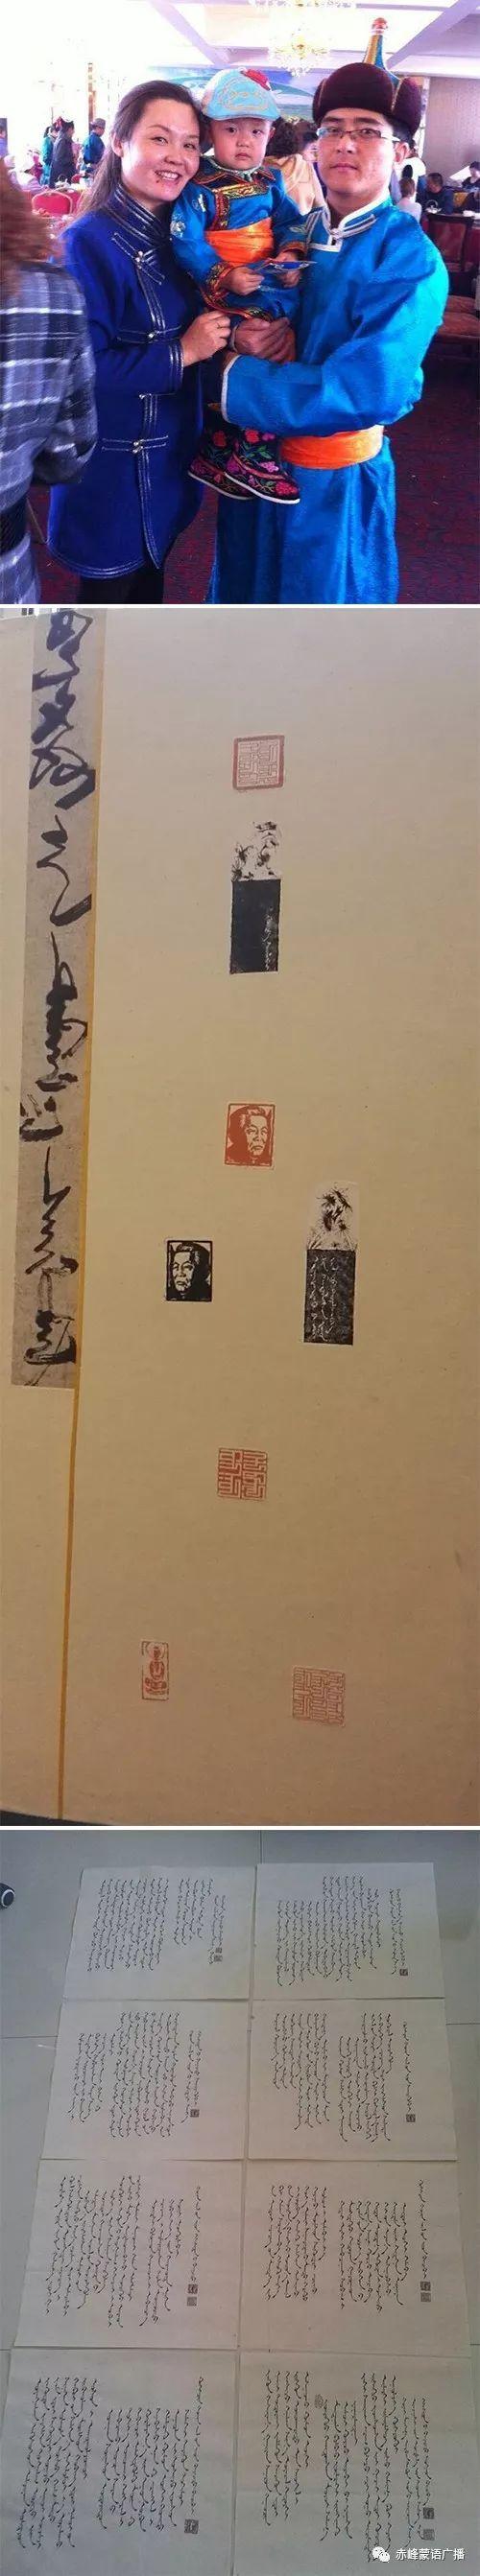 【音频】《赤峰蒙古族书法家》系列采访 (18) 第2张